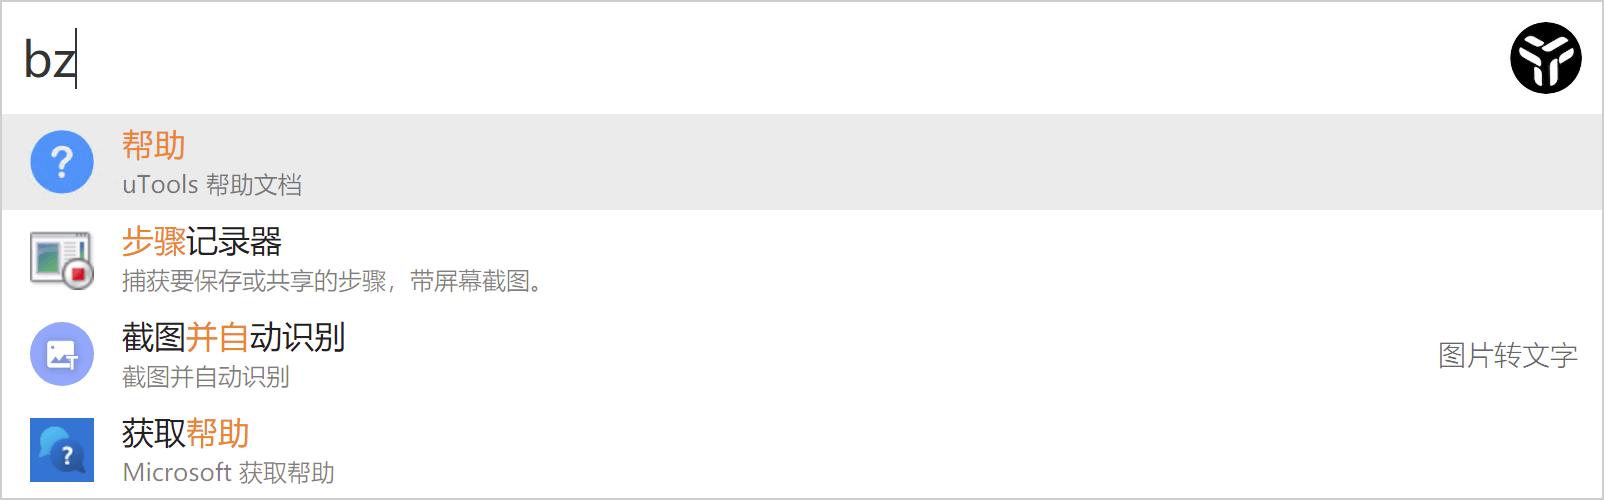 效率工具集 uTools v1.3.5 你的生产力工具集-QQ前线乐园